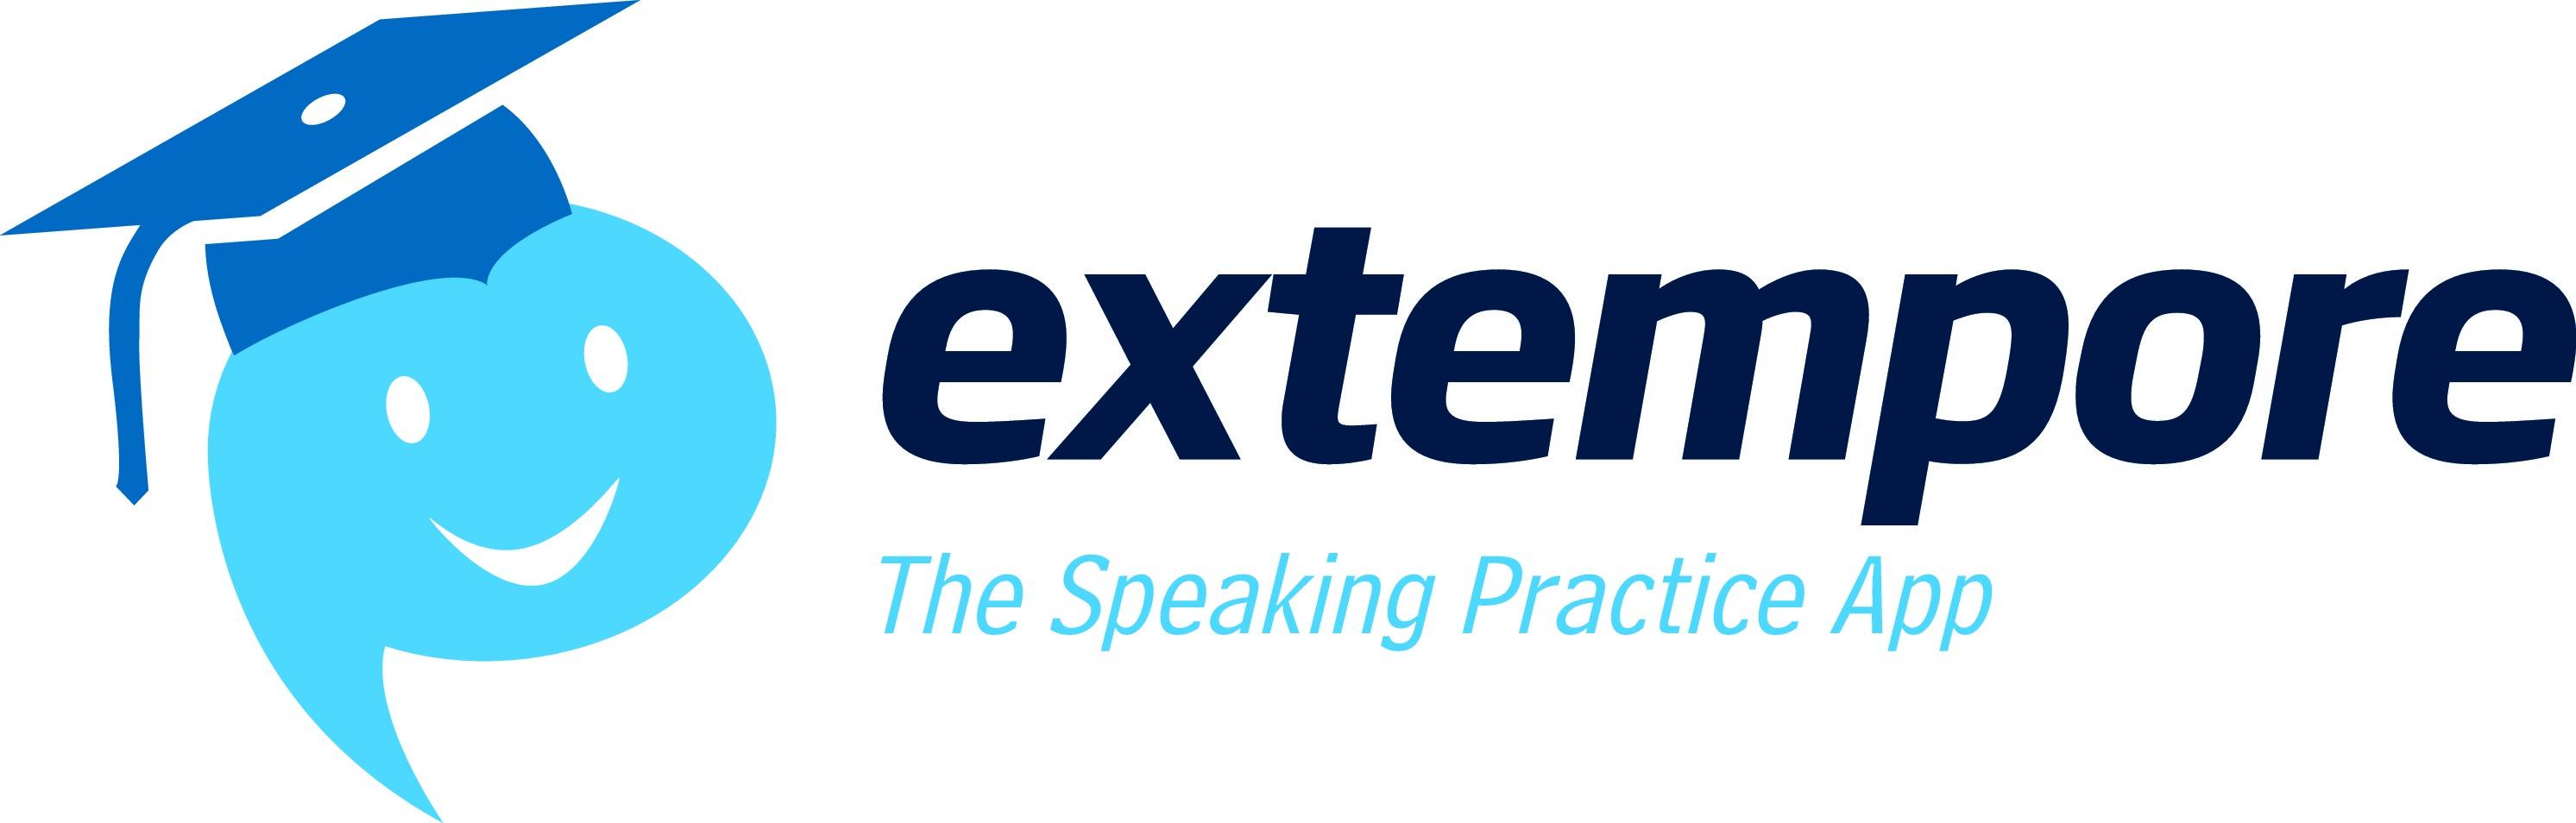 Extempore App logo